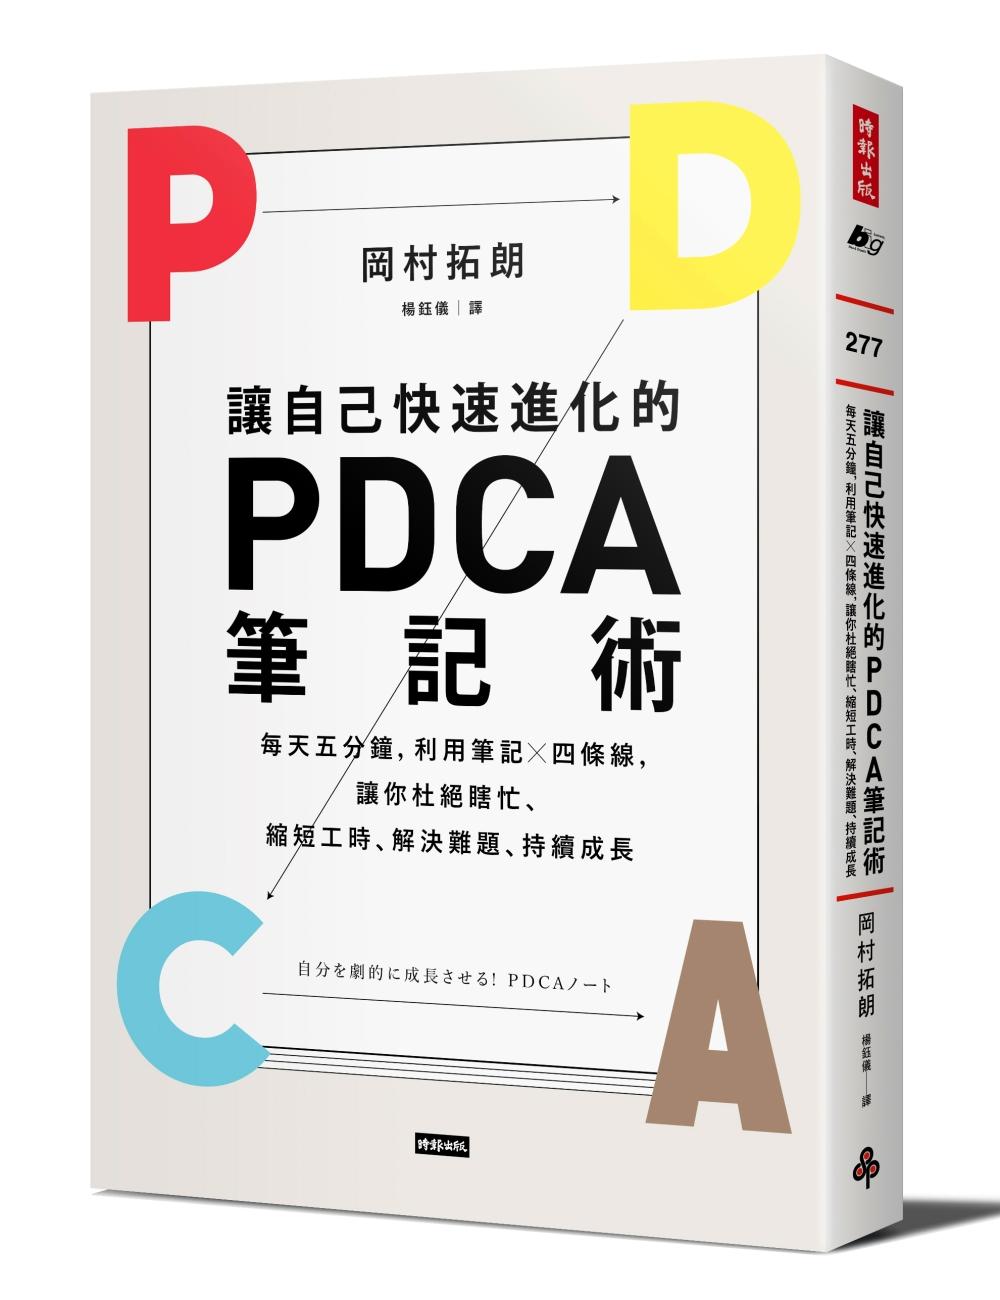 讓自己快速進化的PDCA筆記術:每天五分鐘,利用筆記╳四條線,讓你杜絕瞎忙、縮短工時、解決難題、持續成長